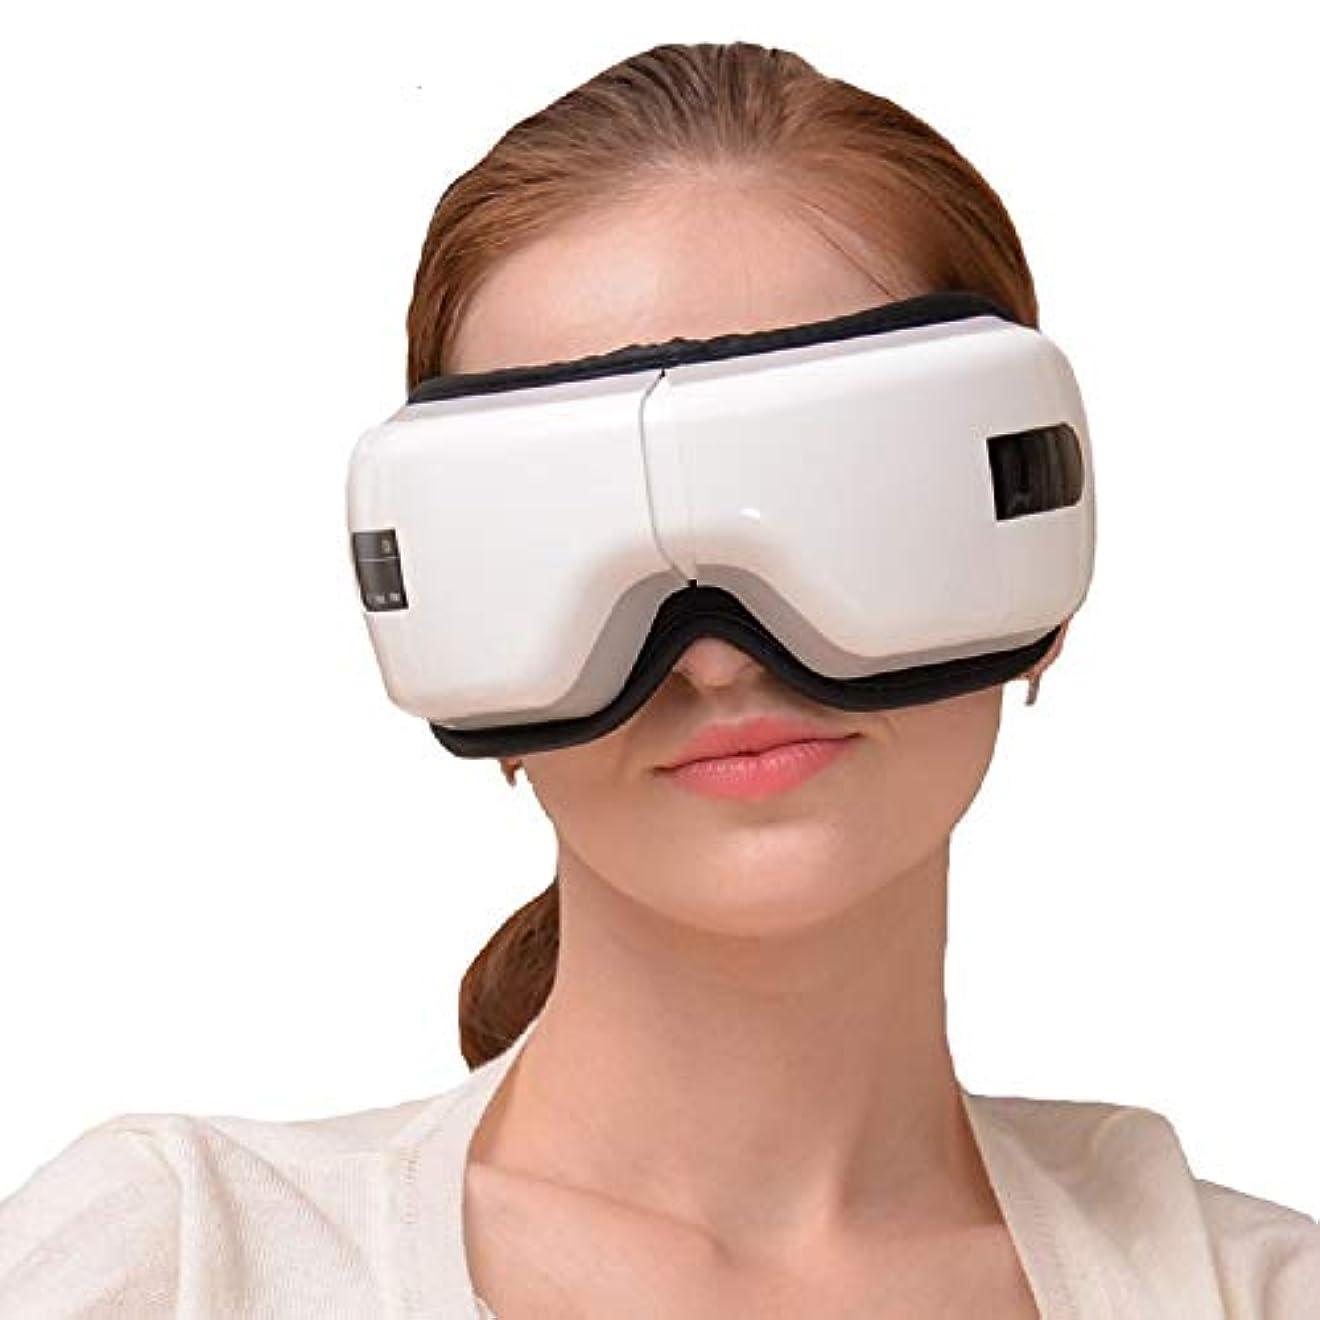 比率理解する仮装Ruzzy 弾性設計のハイエンドスタイリッシュ充電式スマートワイヤレスアイマッサージャー 購入へようこそ